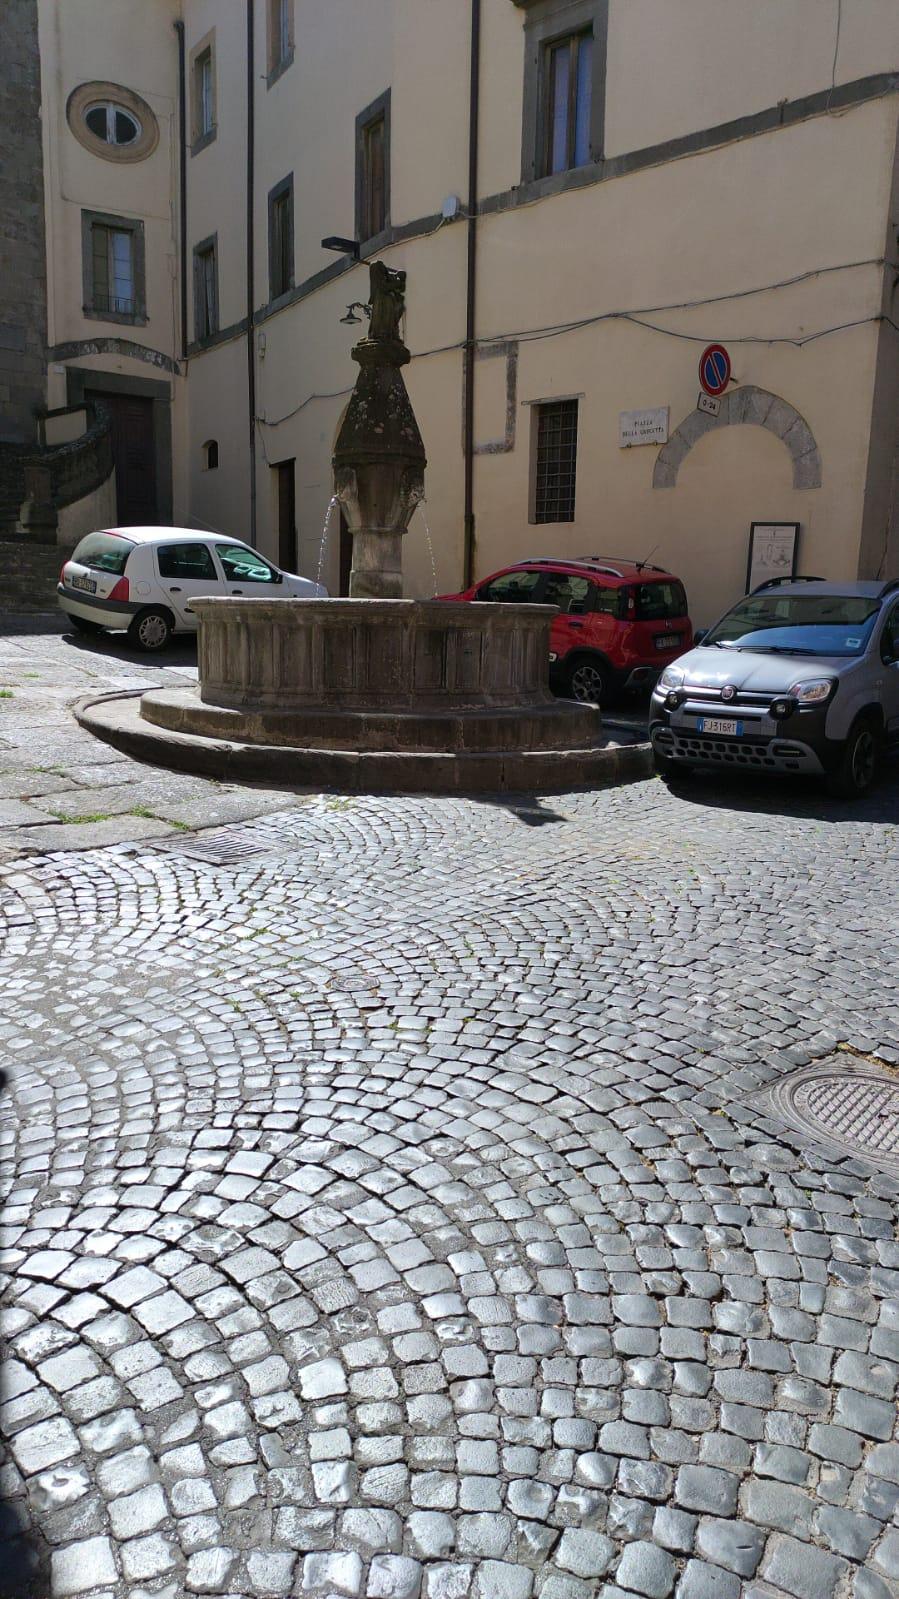 Viterbo, la città che muore, da Piazza della Crocetta a Piazza dei Burgundi il passo è breve, invasioni barbariche quotidiane